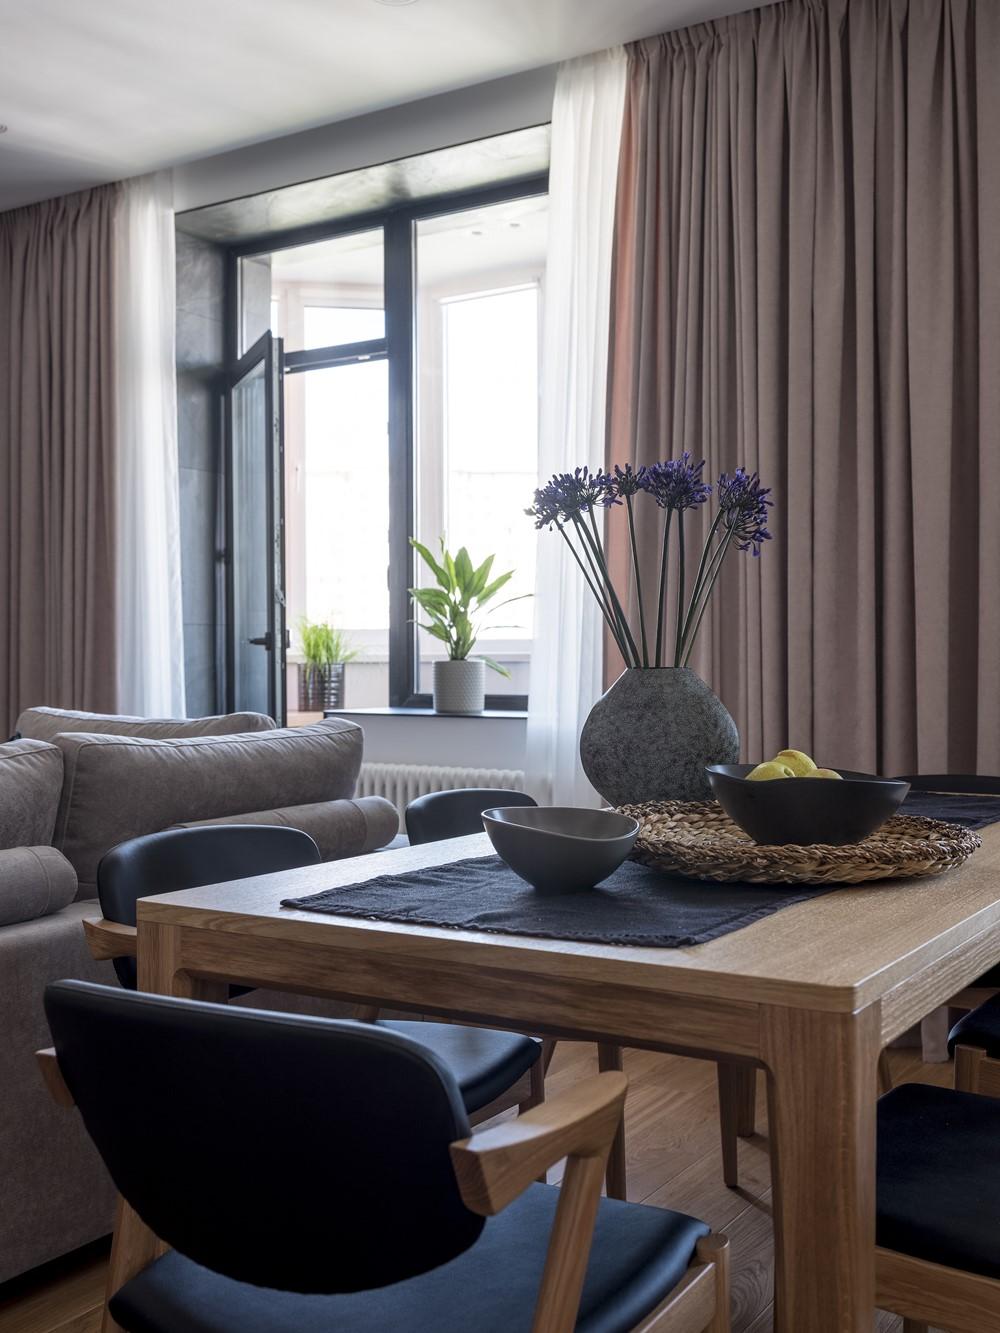 Современный дизайн интерьера кухни-столовой апартаментов